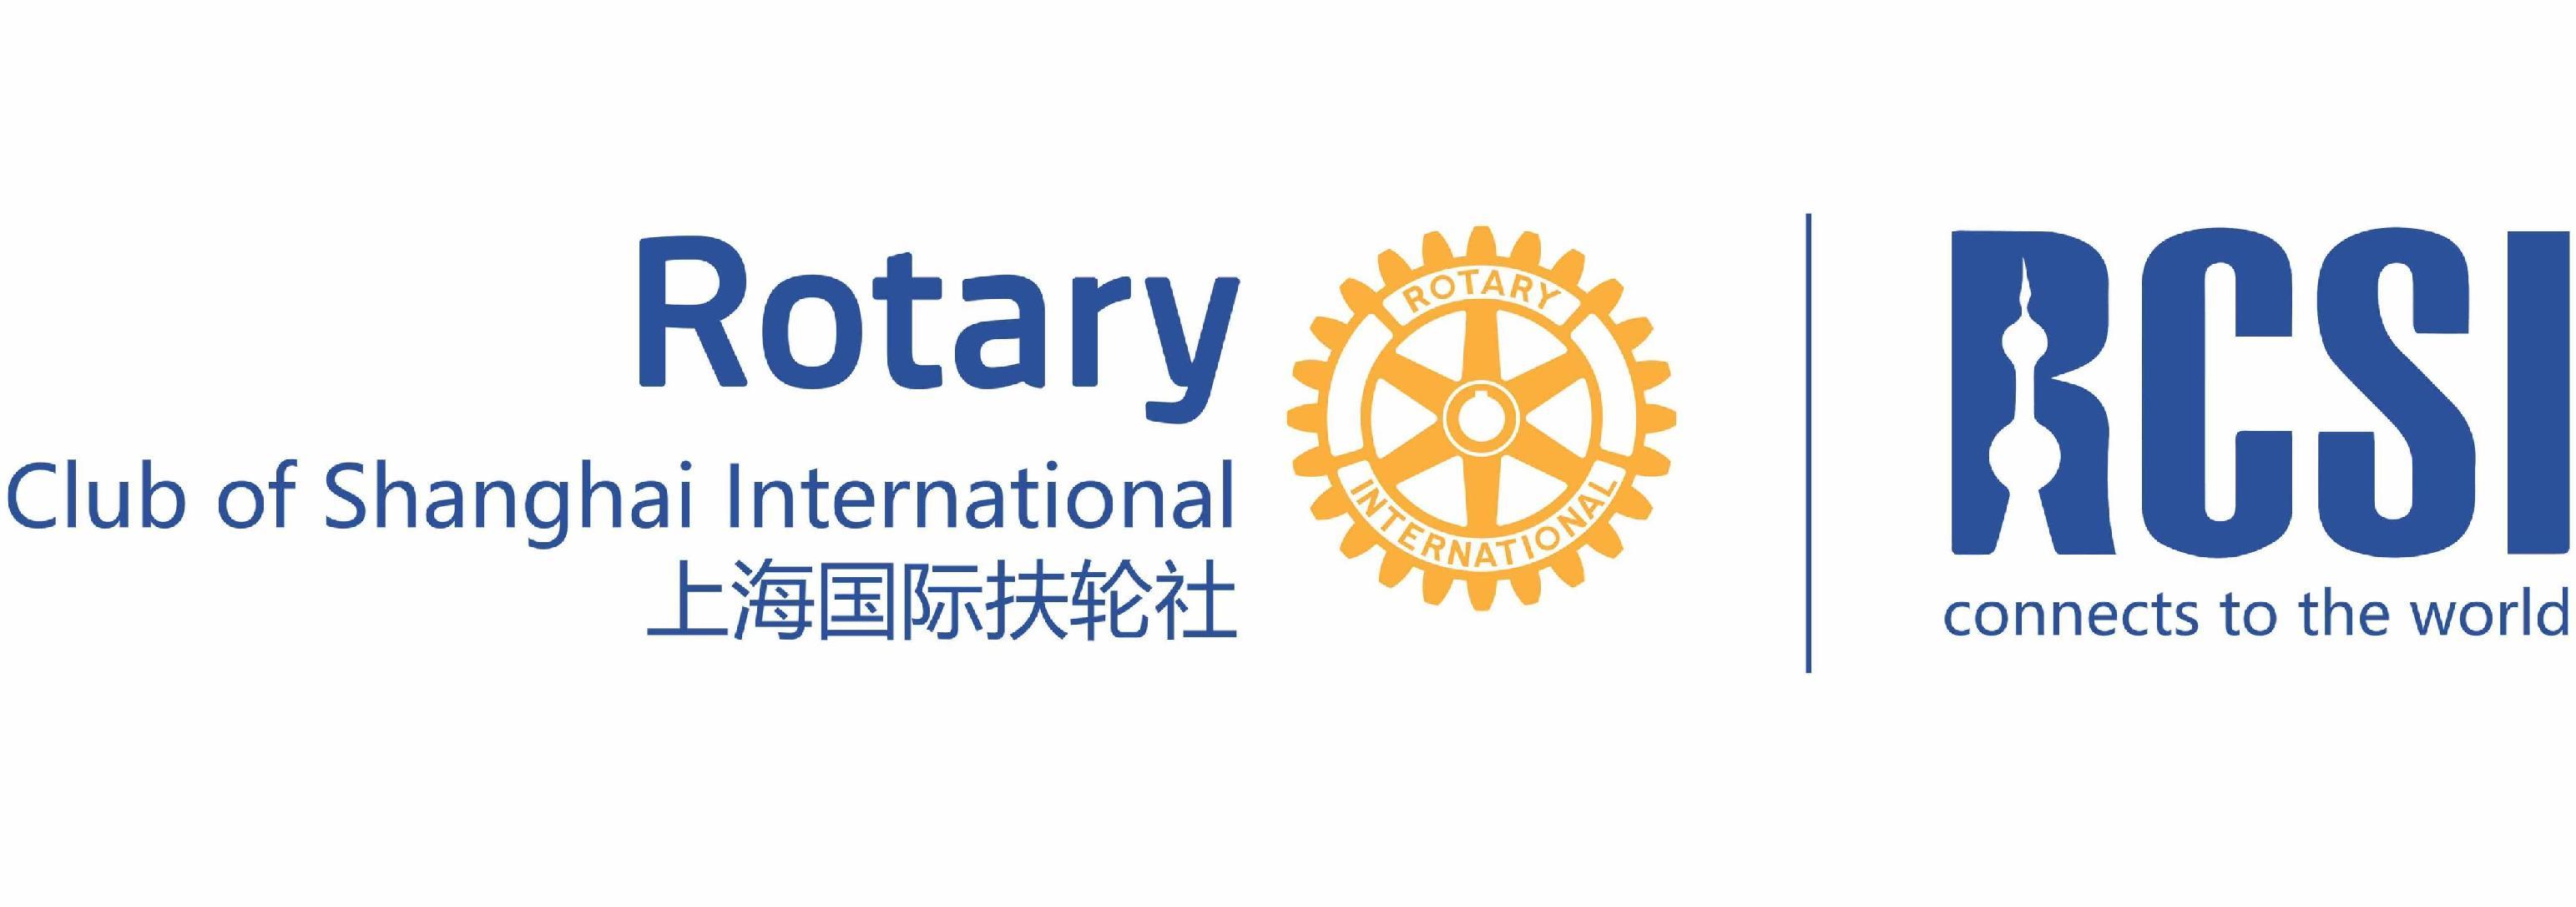 上海国际扶轮社